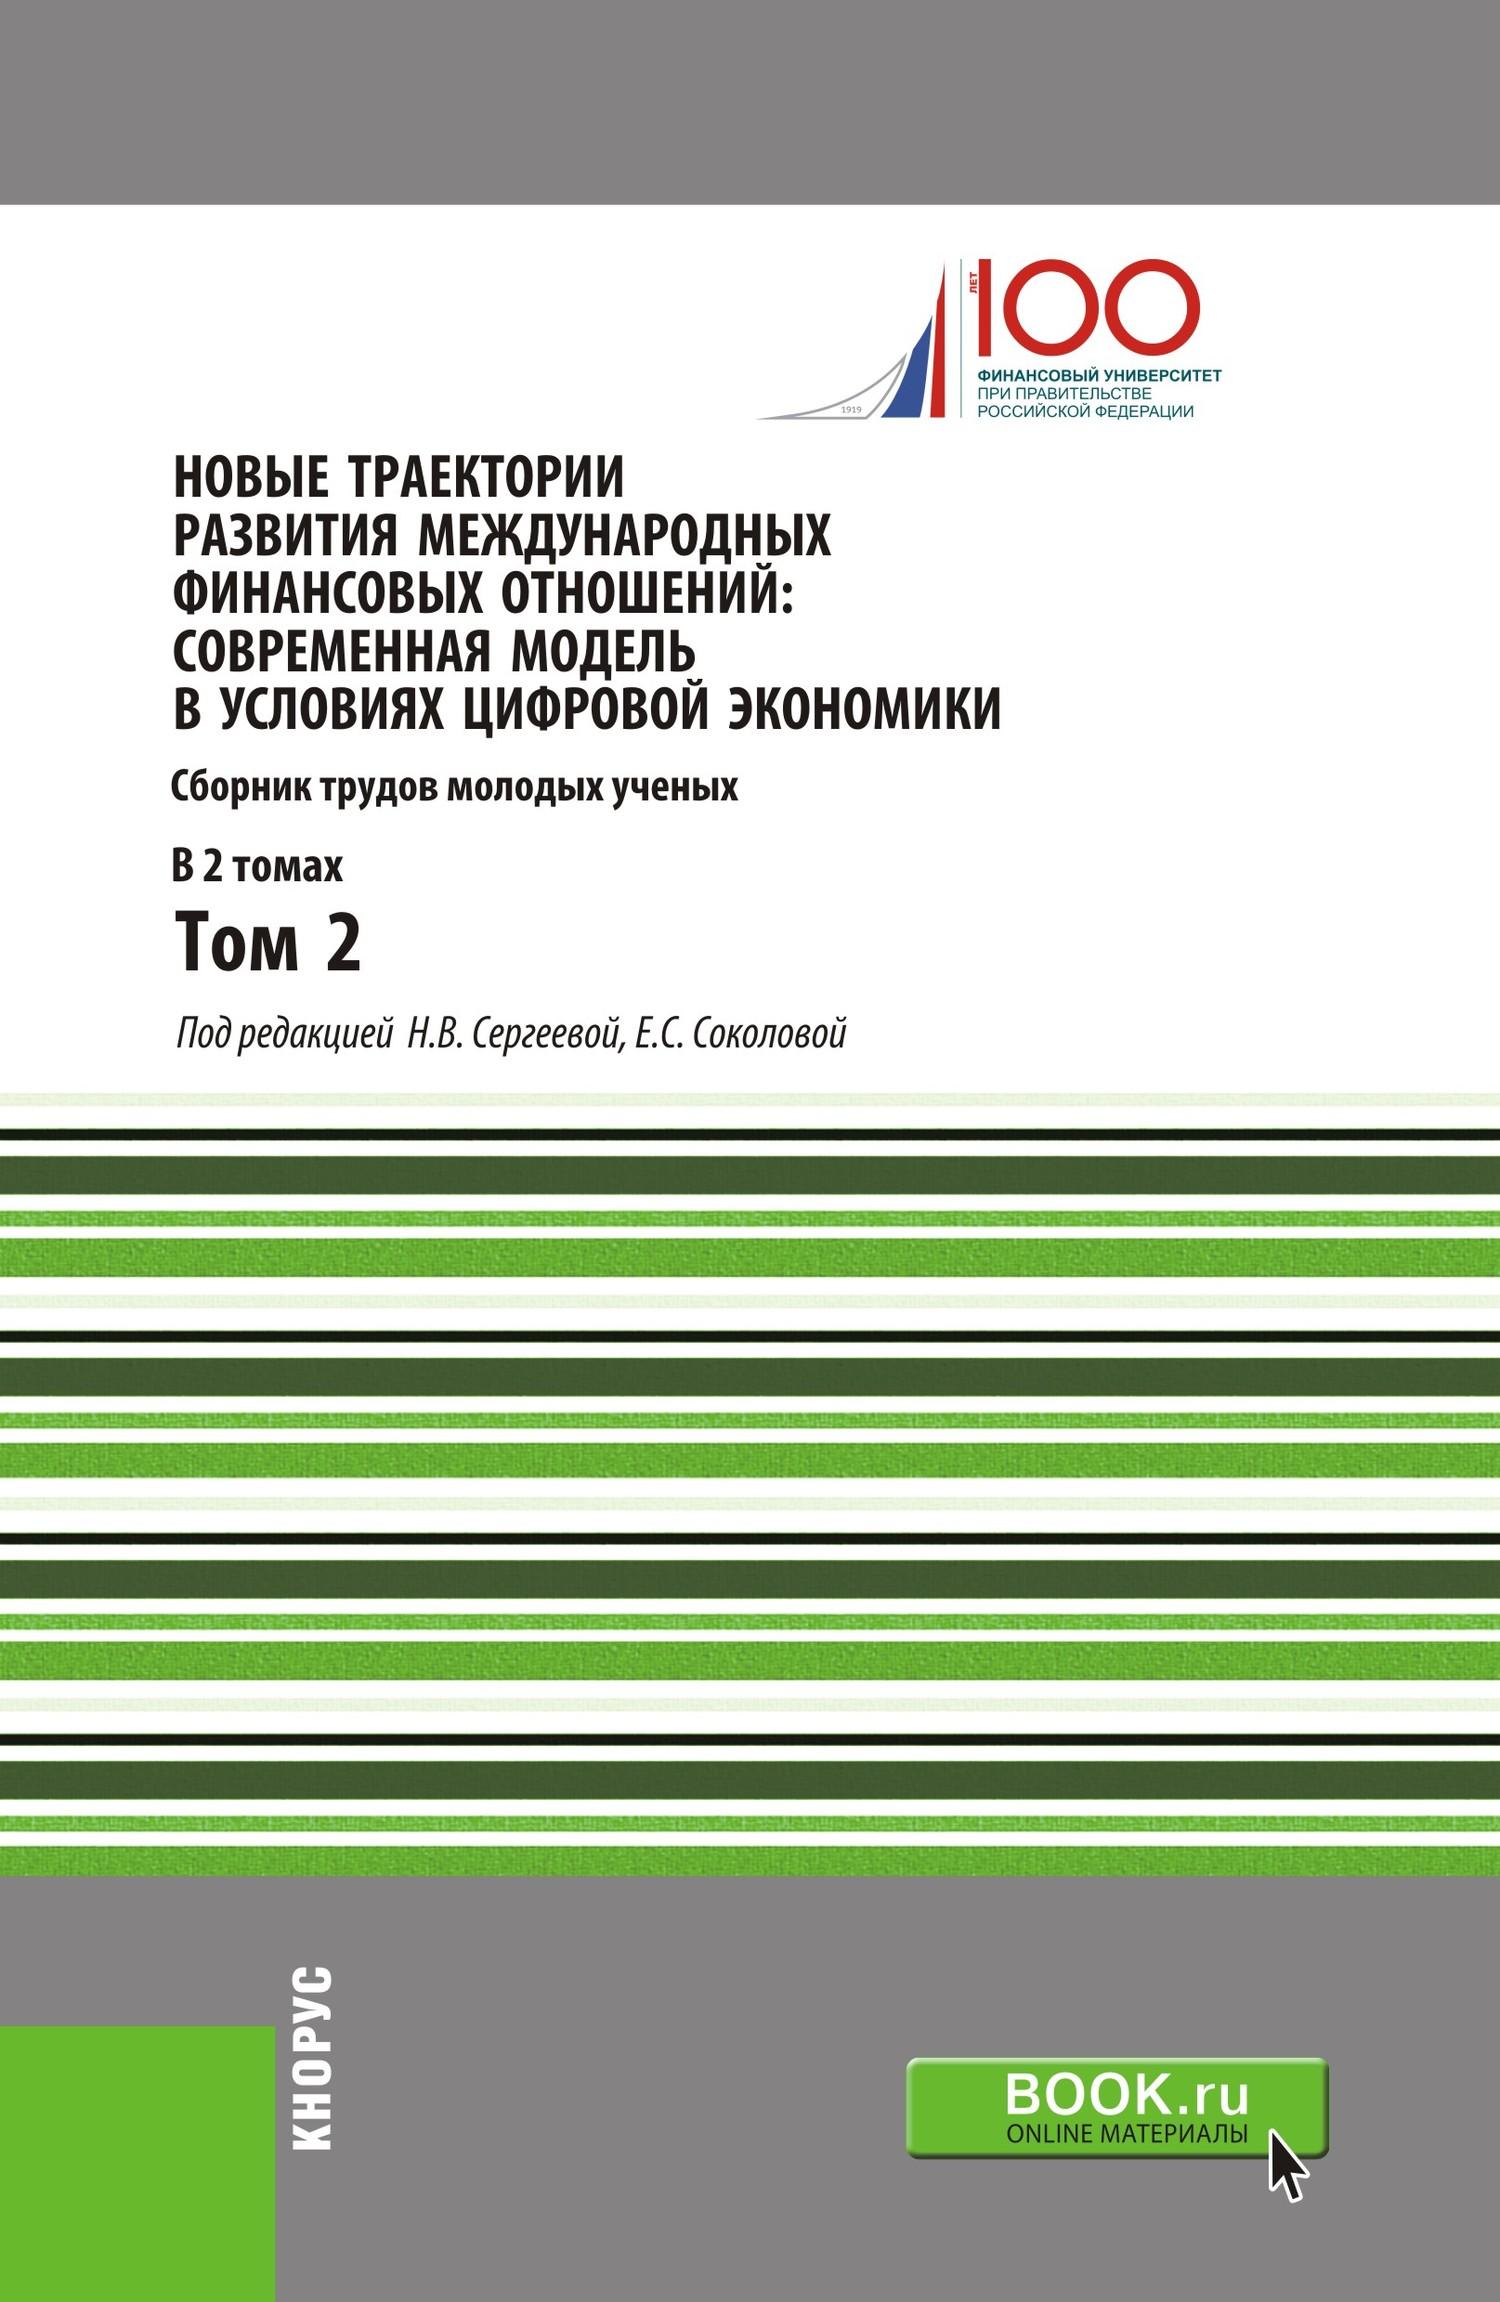 Новые траектории развития международных финансовых отношений: современная модель в условиях цифровой экономики. В 2 т. Т. 2